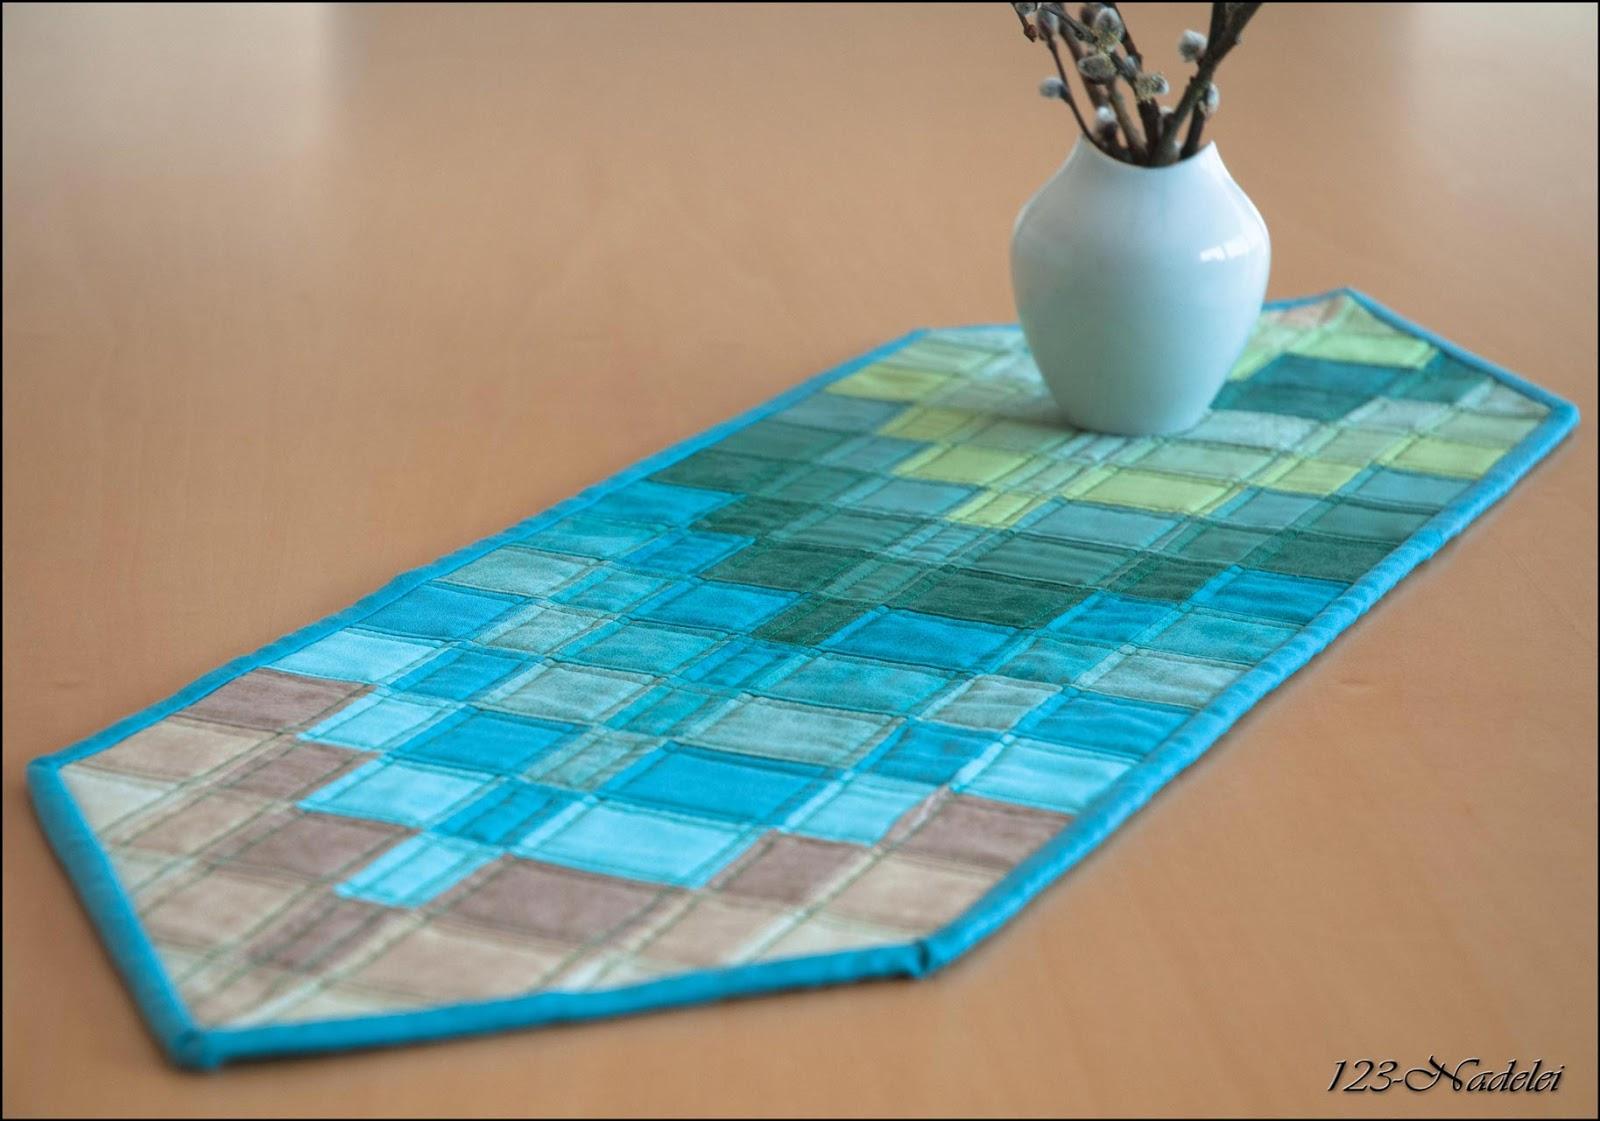 123-Nadelei: Bargello - Tischläufer mit Wellen-Muster aus Streifen